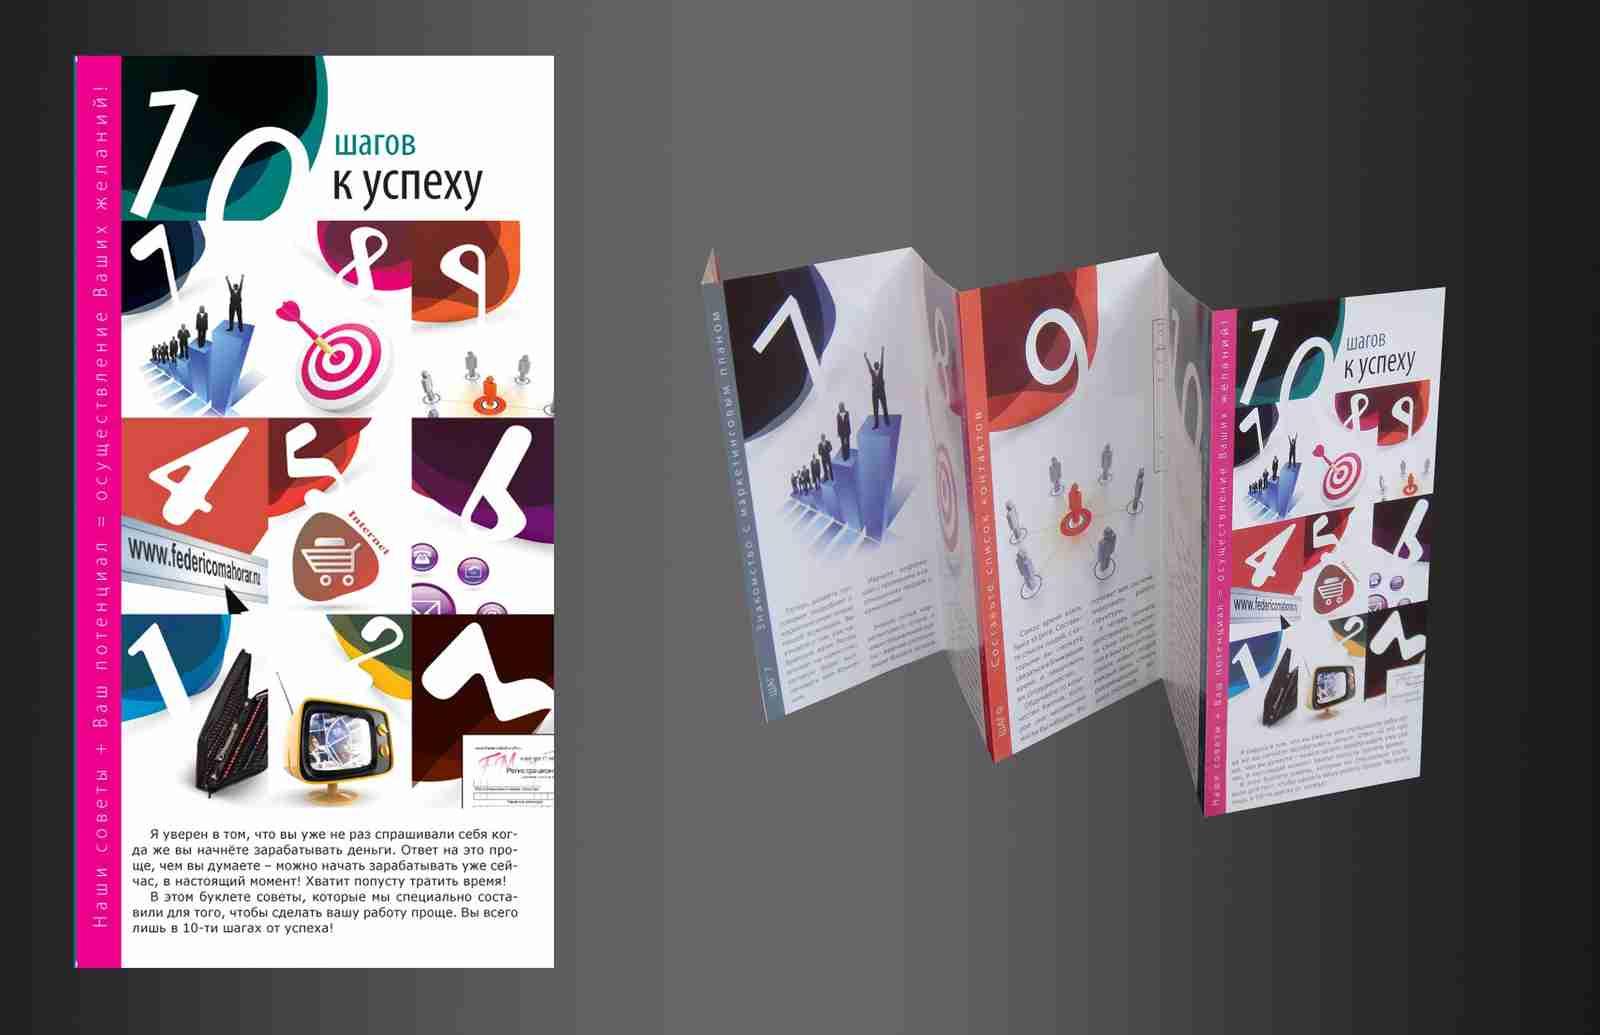 Рекламная брошюра образец своими руками 5